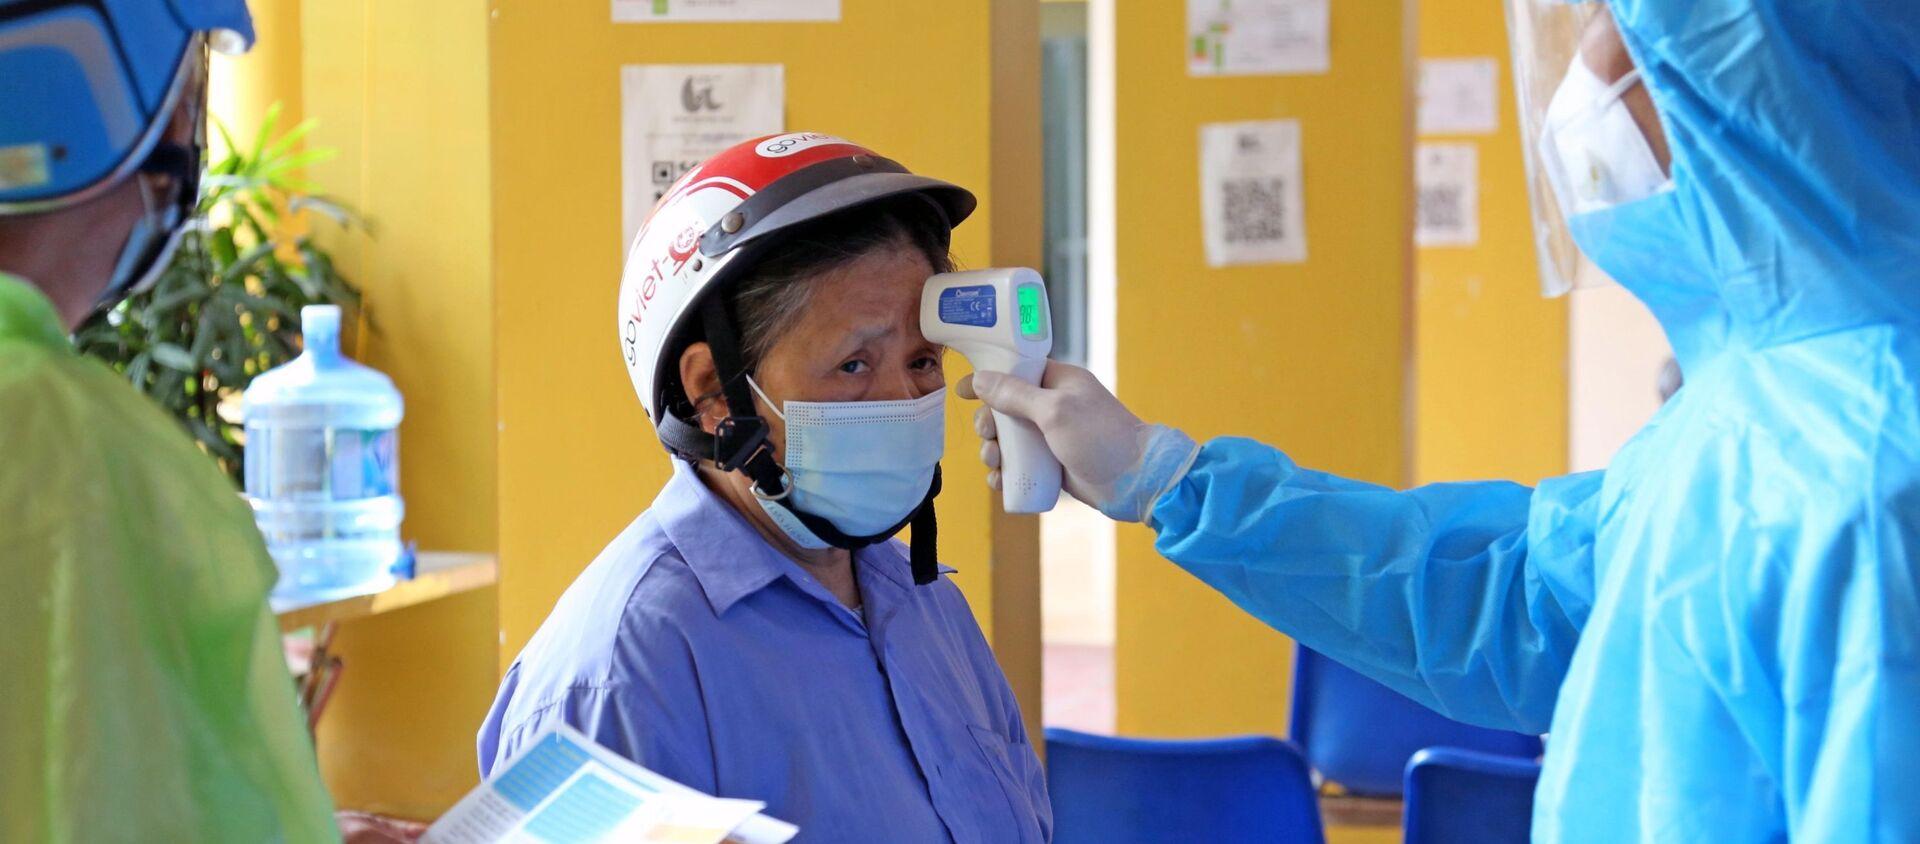 Đo thân nhiệt cho nhân dân đến tiêm vaccine tại bệnh viện Dệt may. - Sputnik Việt Nam, 1920, 13.09.2021